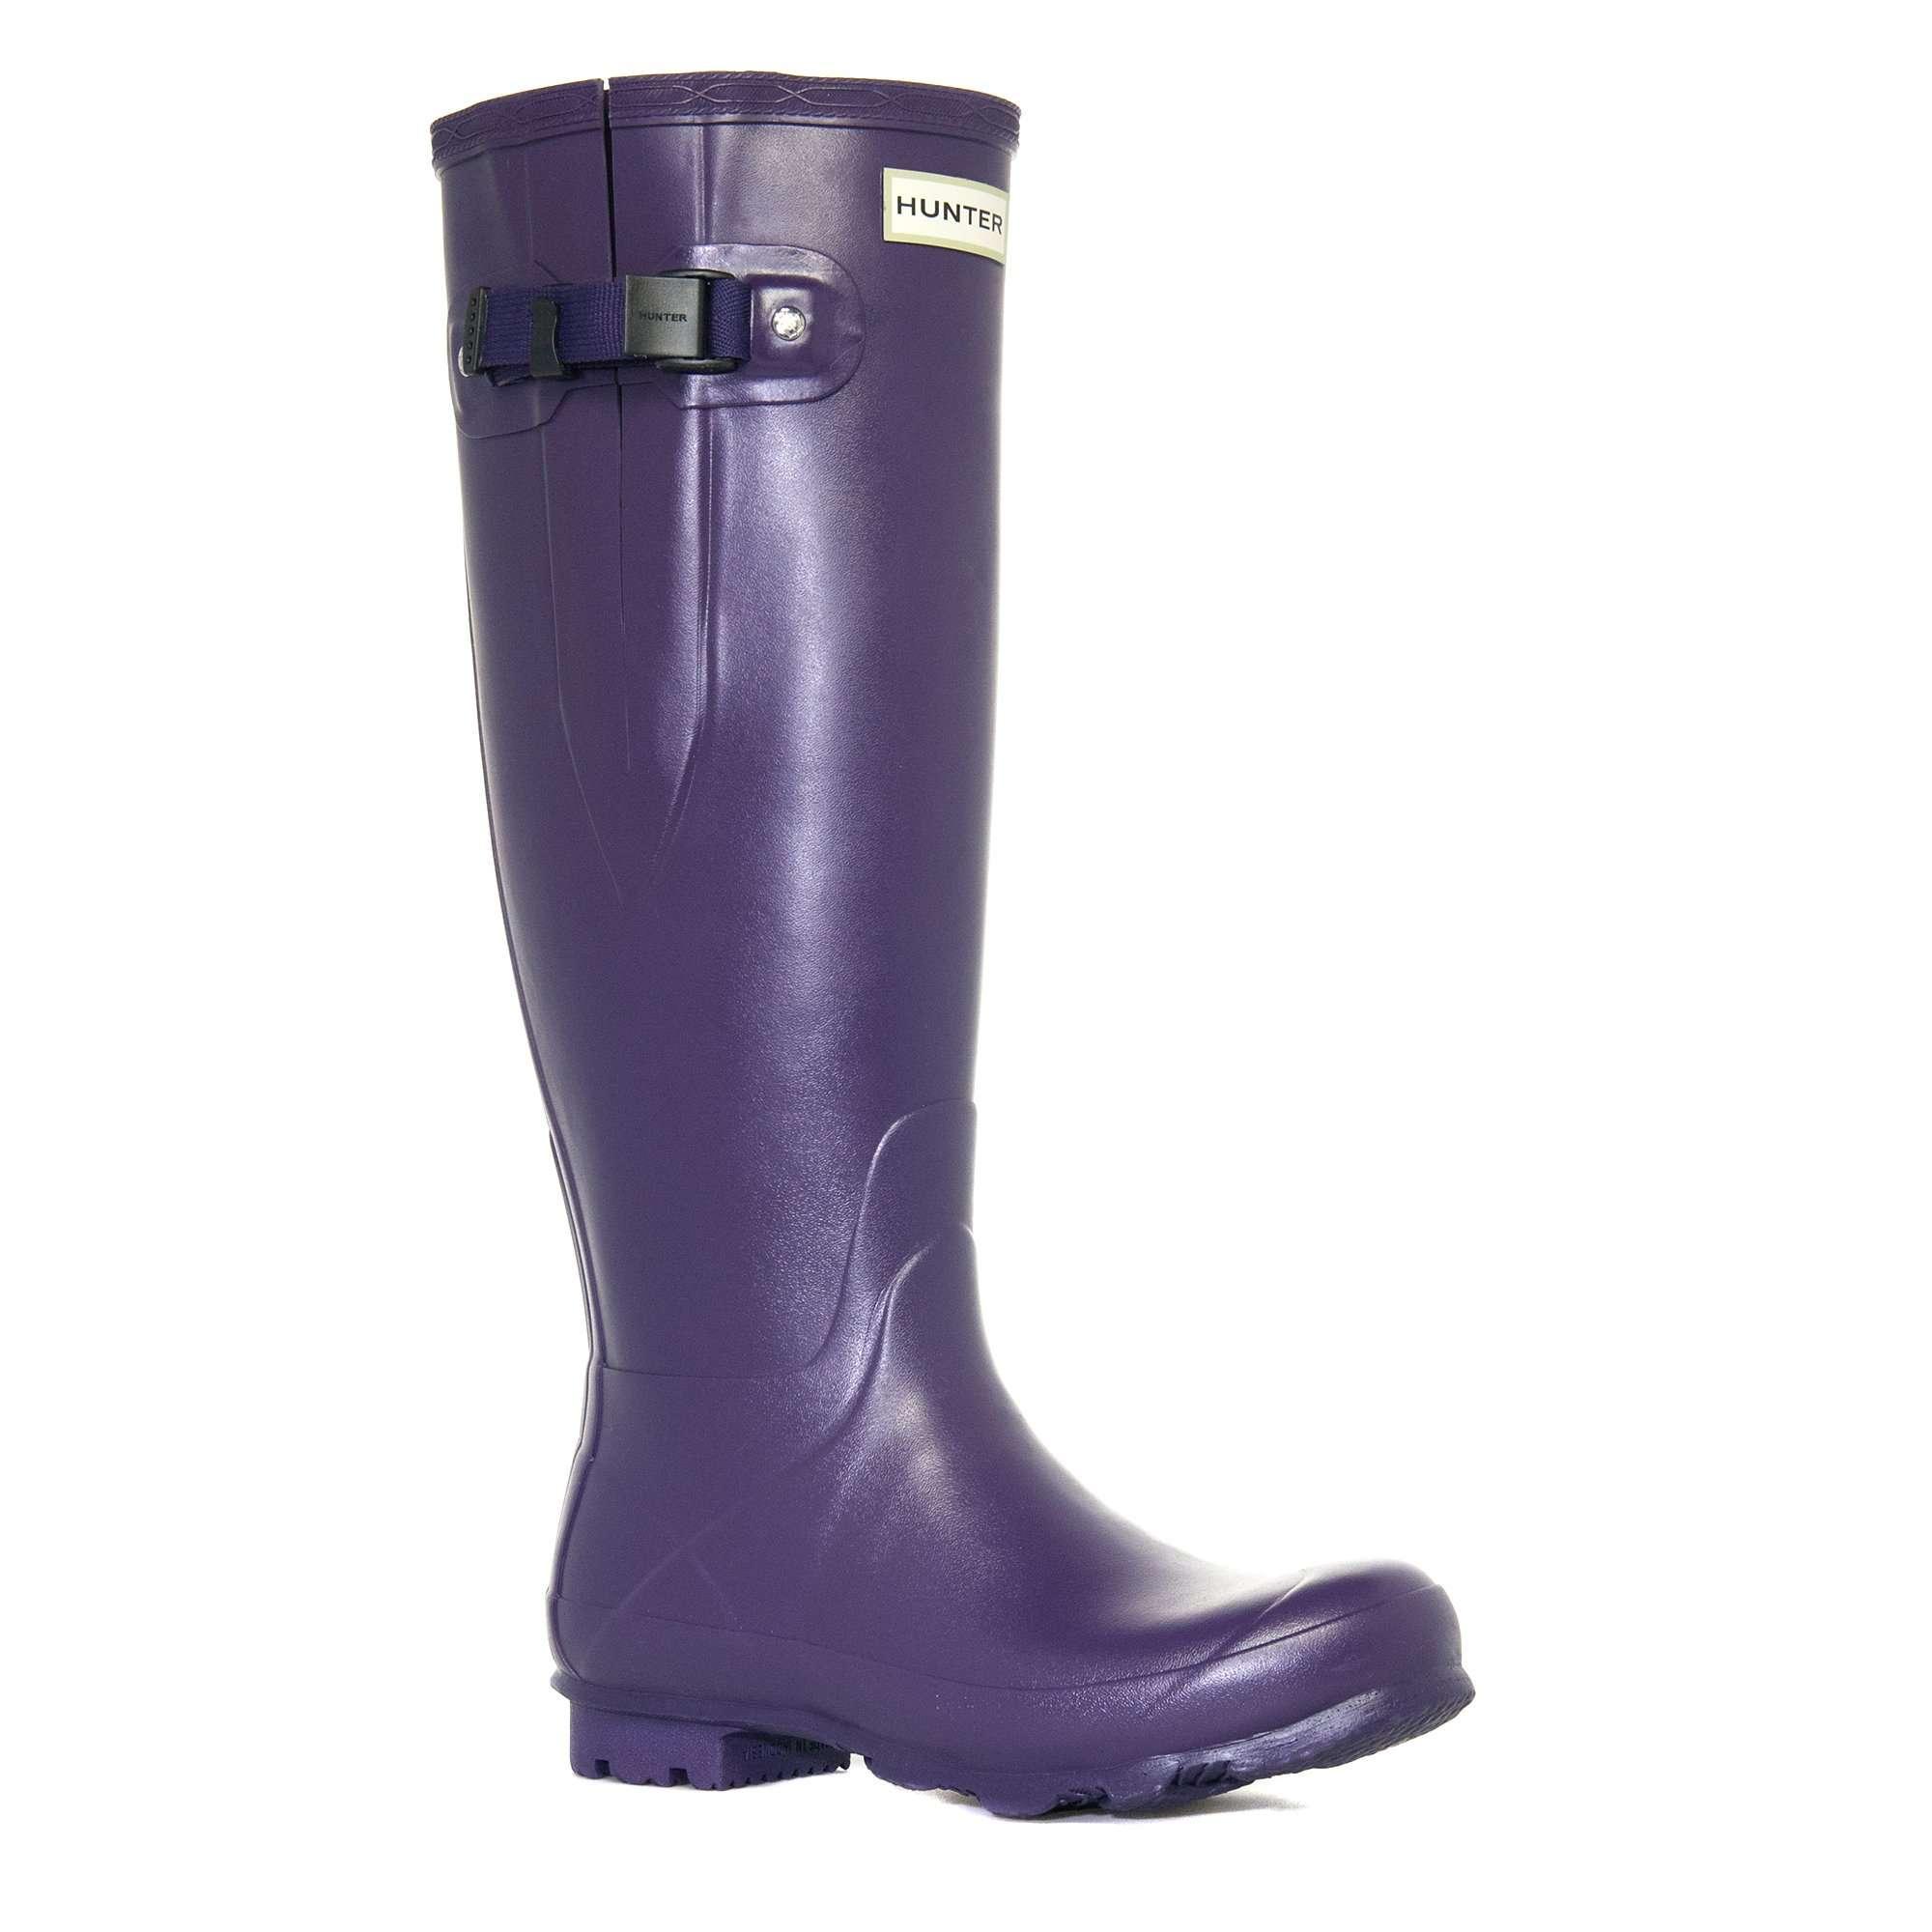 HUNTER Women's Norris Field Adjustable Wellington Boot